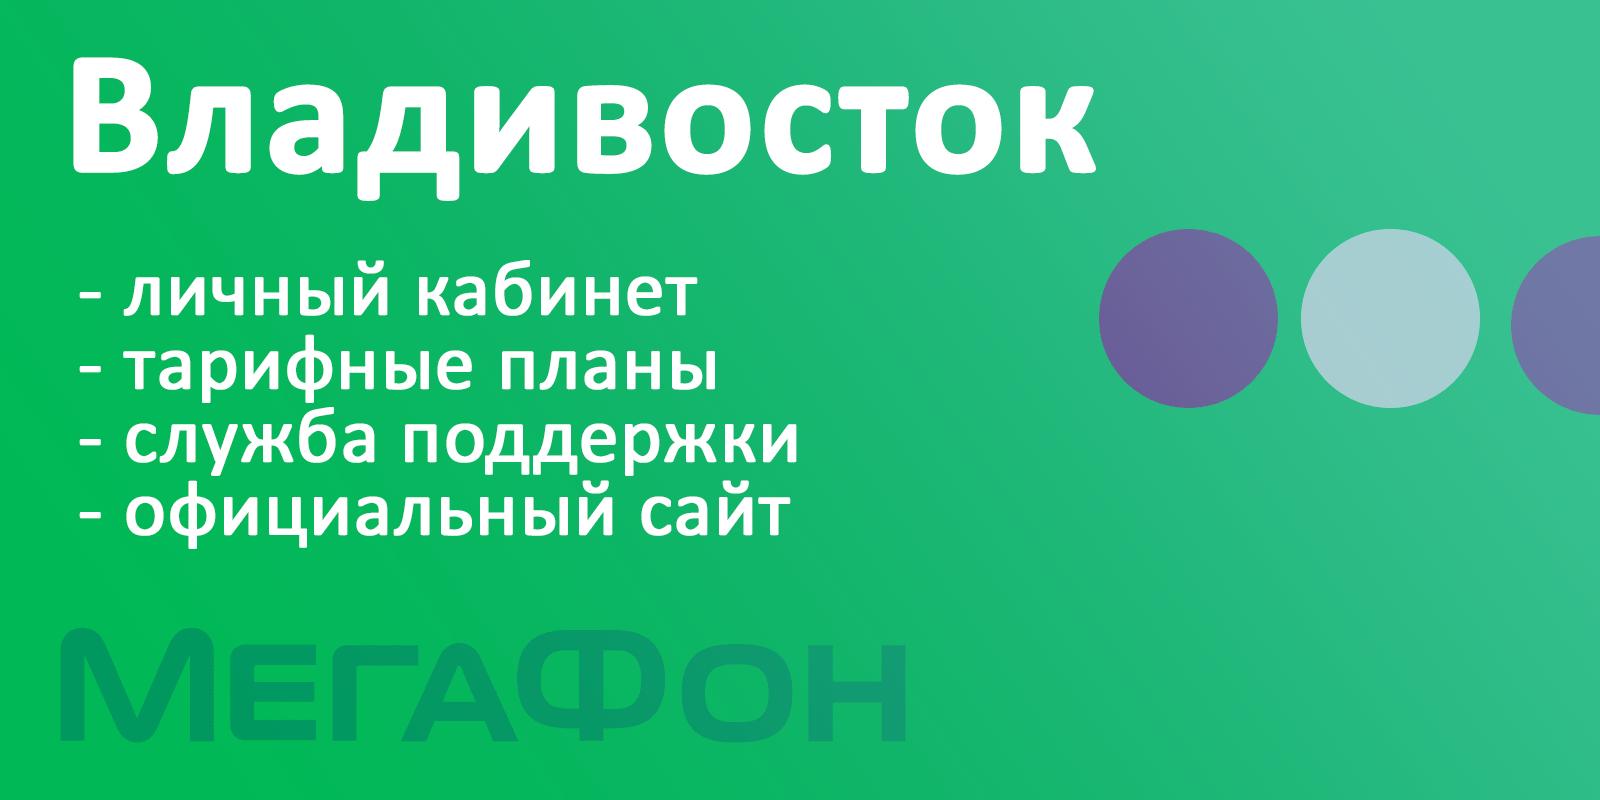 Мегафон Владивосток - официальный сайт, тарифы